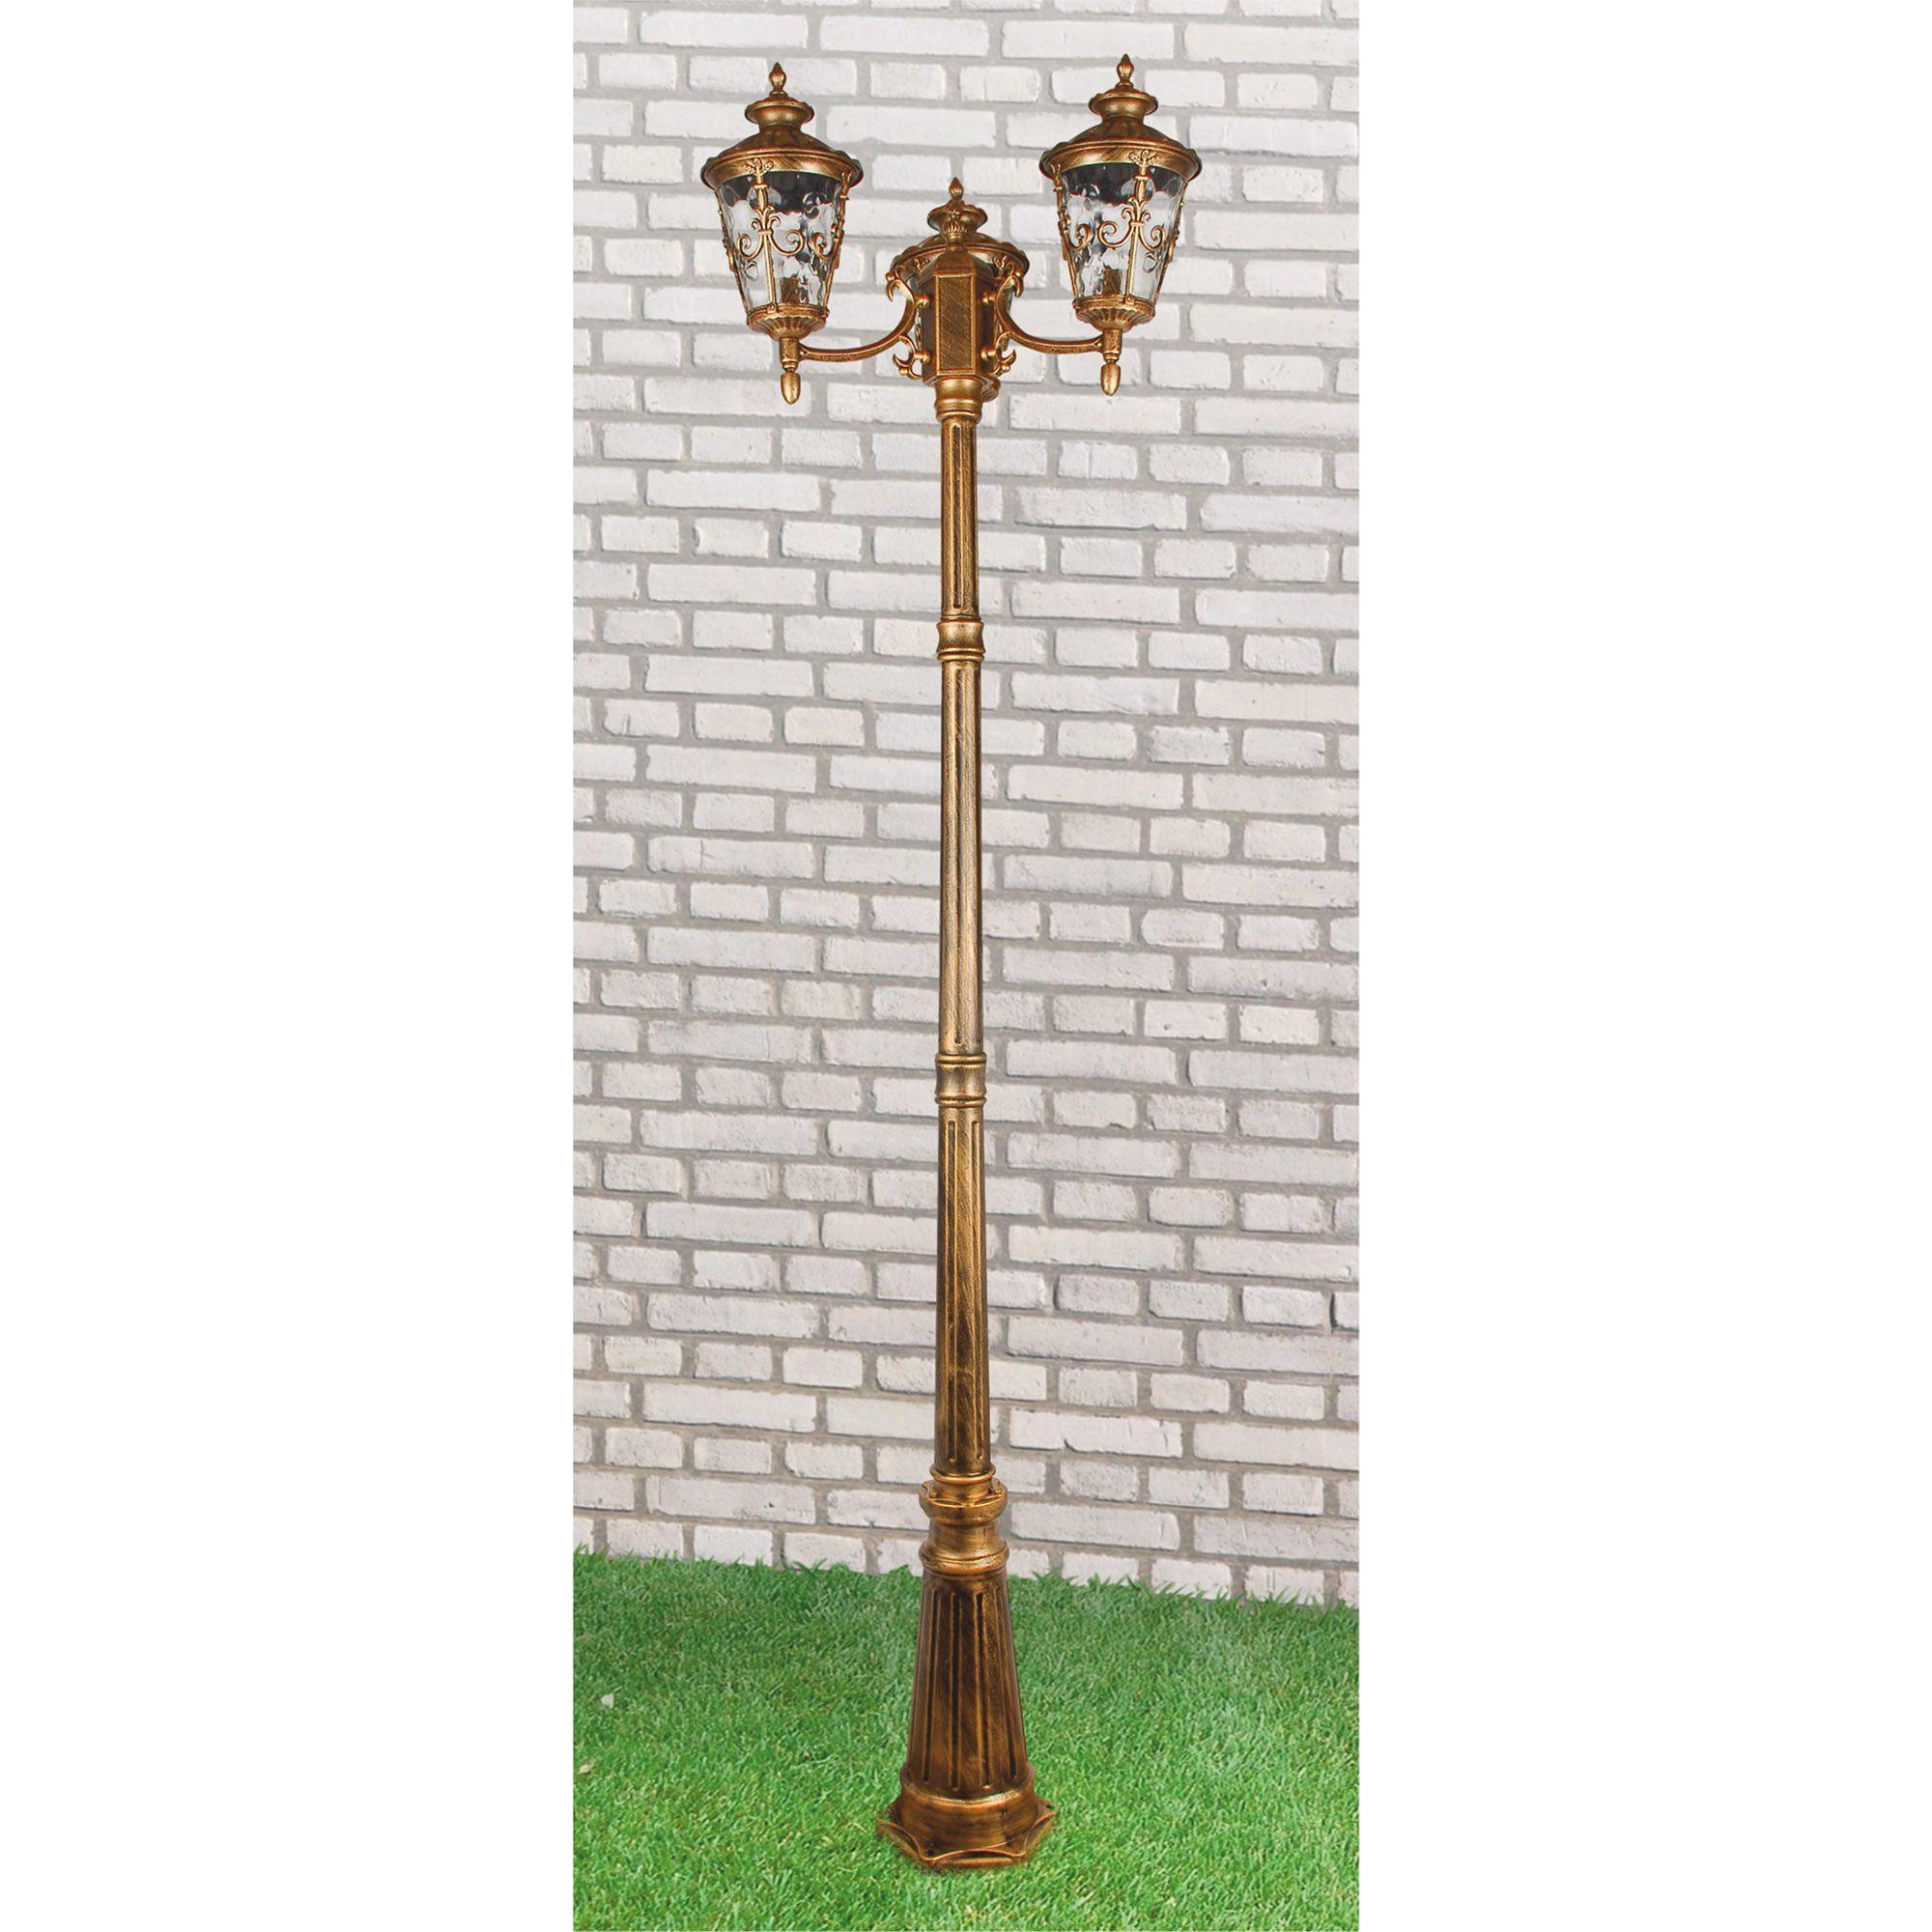 Diadema F/3 черное золото уличный трехрожковый светильник на столбе IP44 GLYF-8046F/3